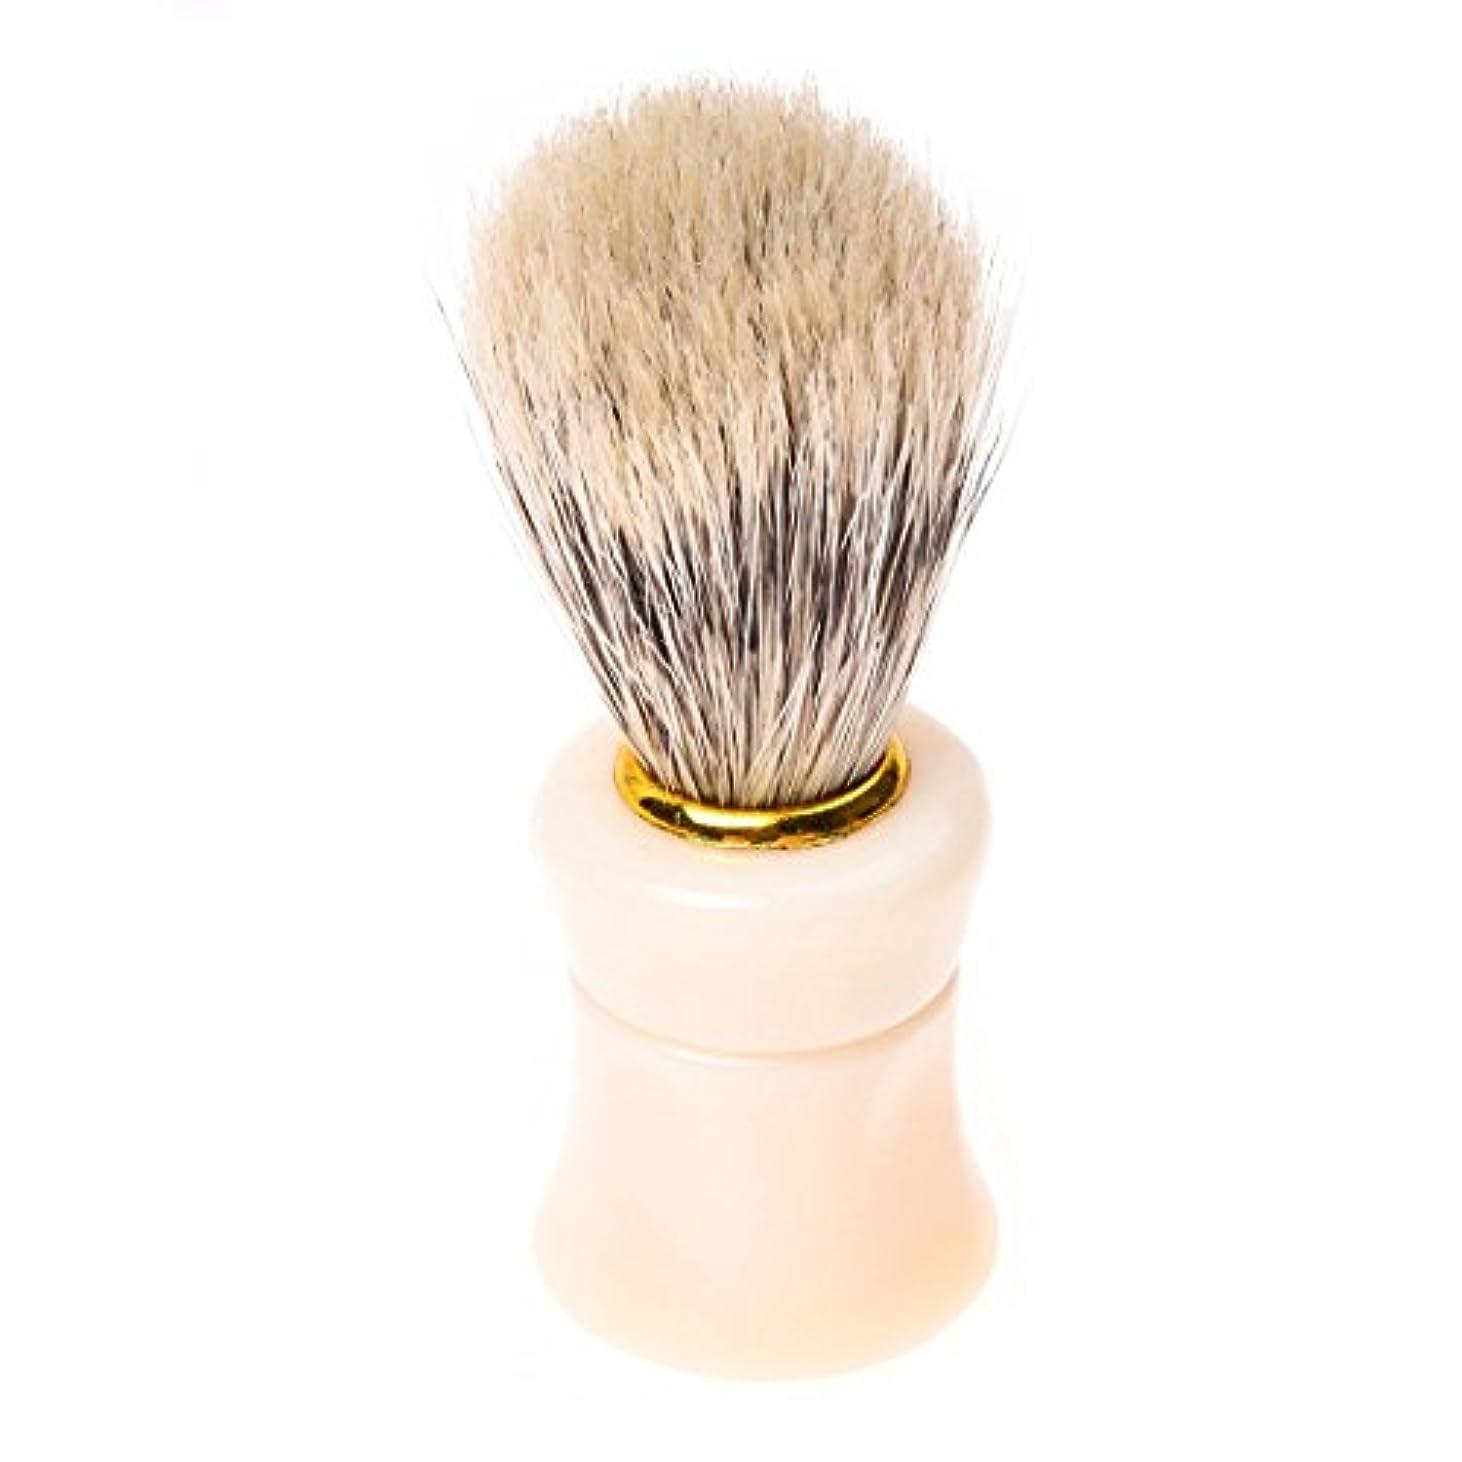 瀬戸際降伏縞模様のRETYLY 1個シェイビングシェービングブラシプラスチック製のハンドル+ブタの猪毛皮のひげの口ひげのブラシベージュ